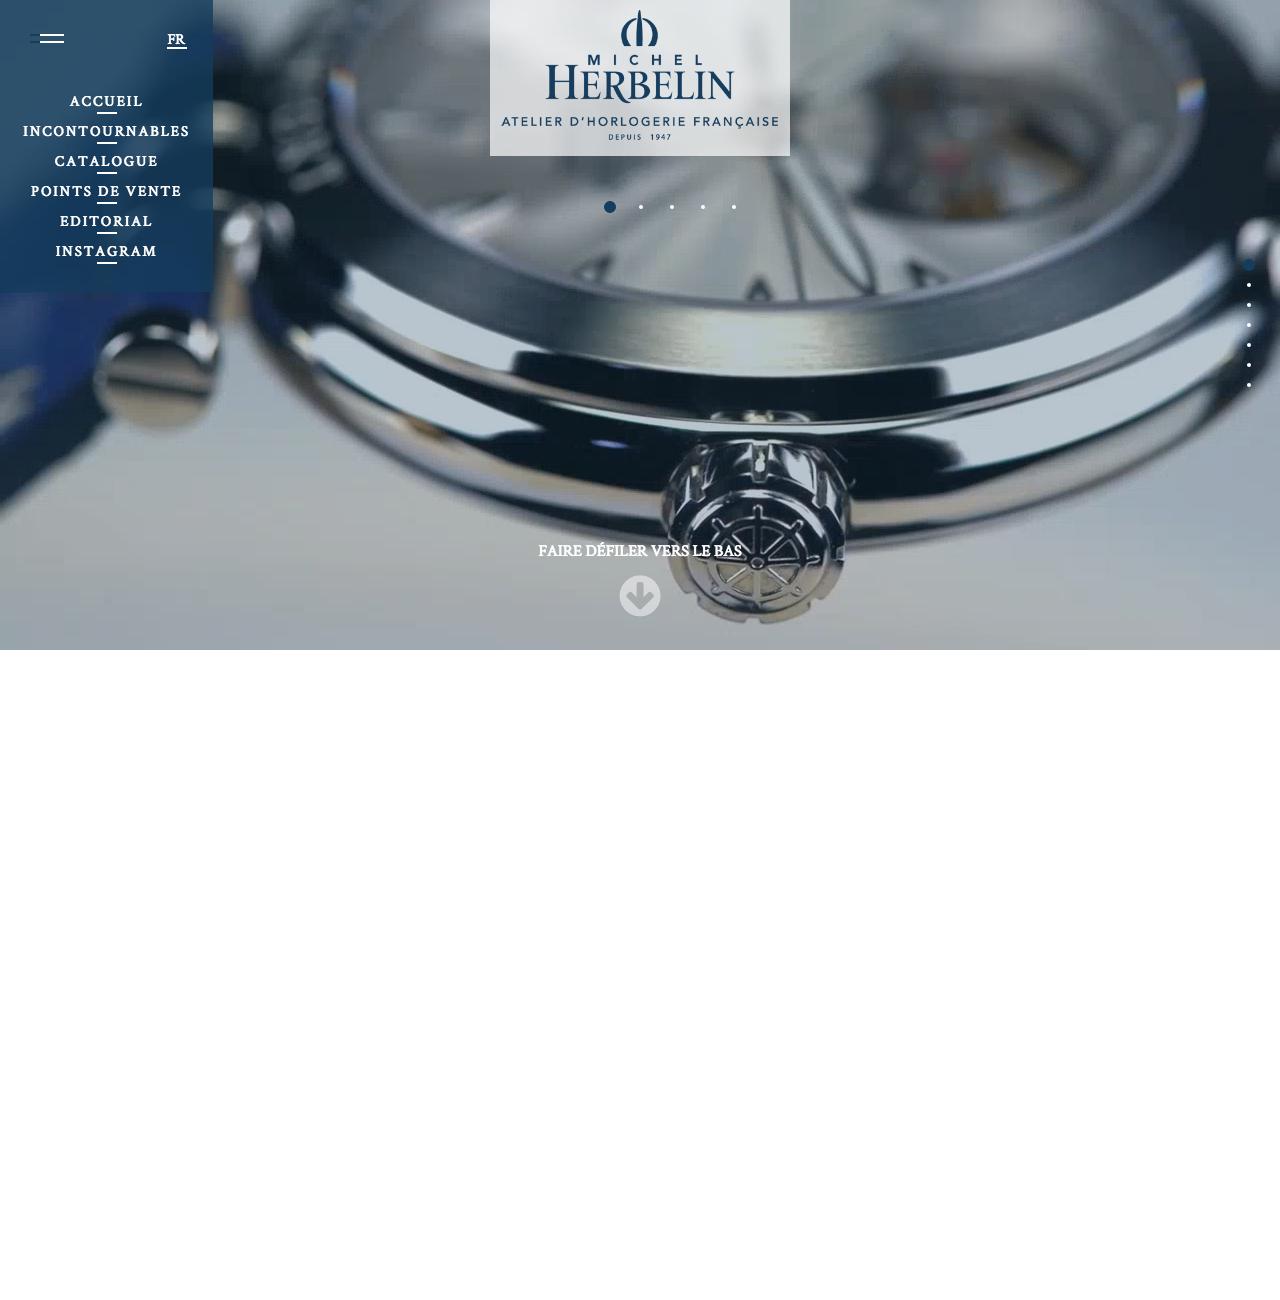 Michel-Herbelin-Atelier-d-horlogerie.png